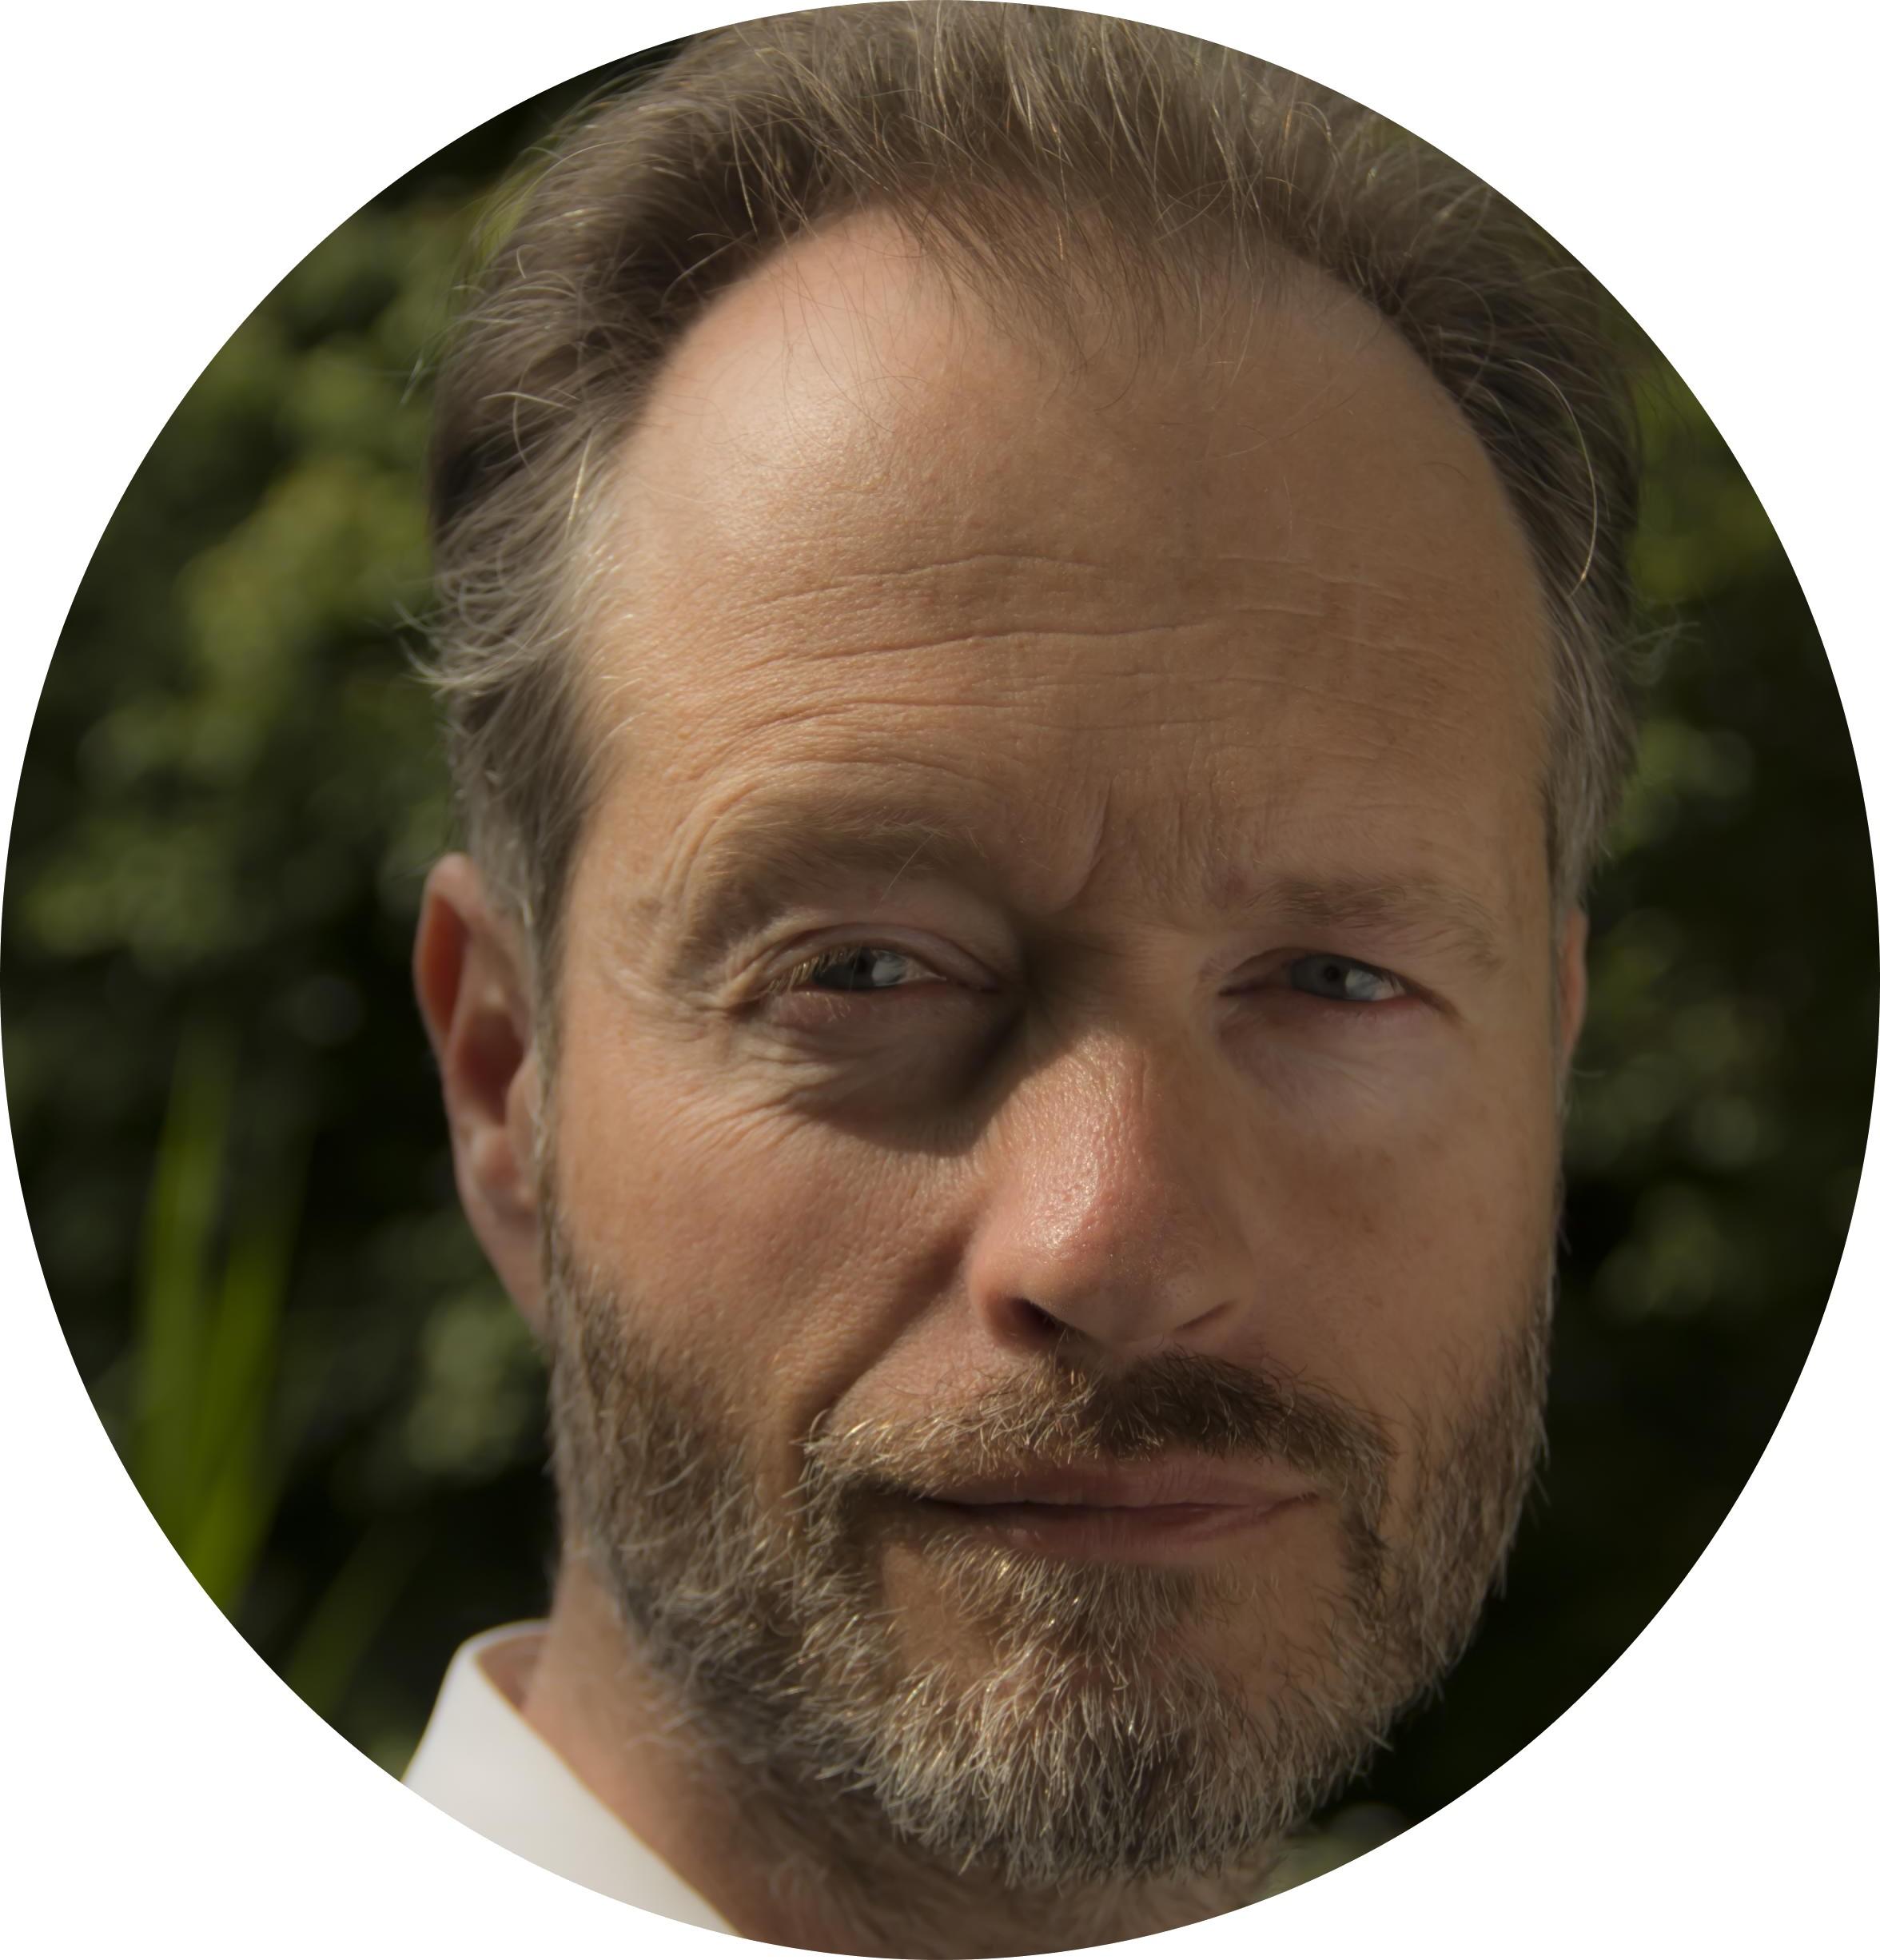 Marc-André_Selosse